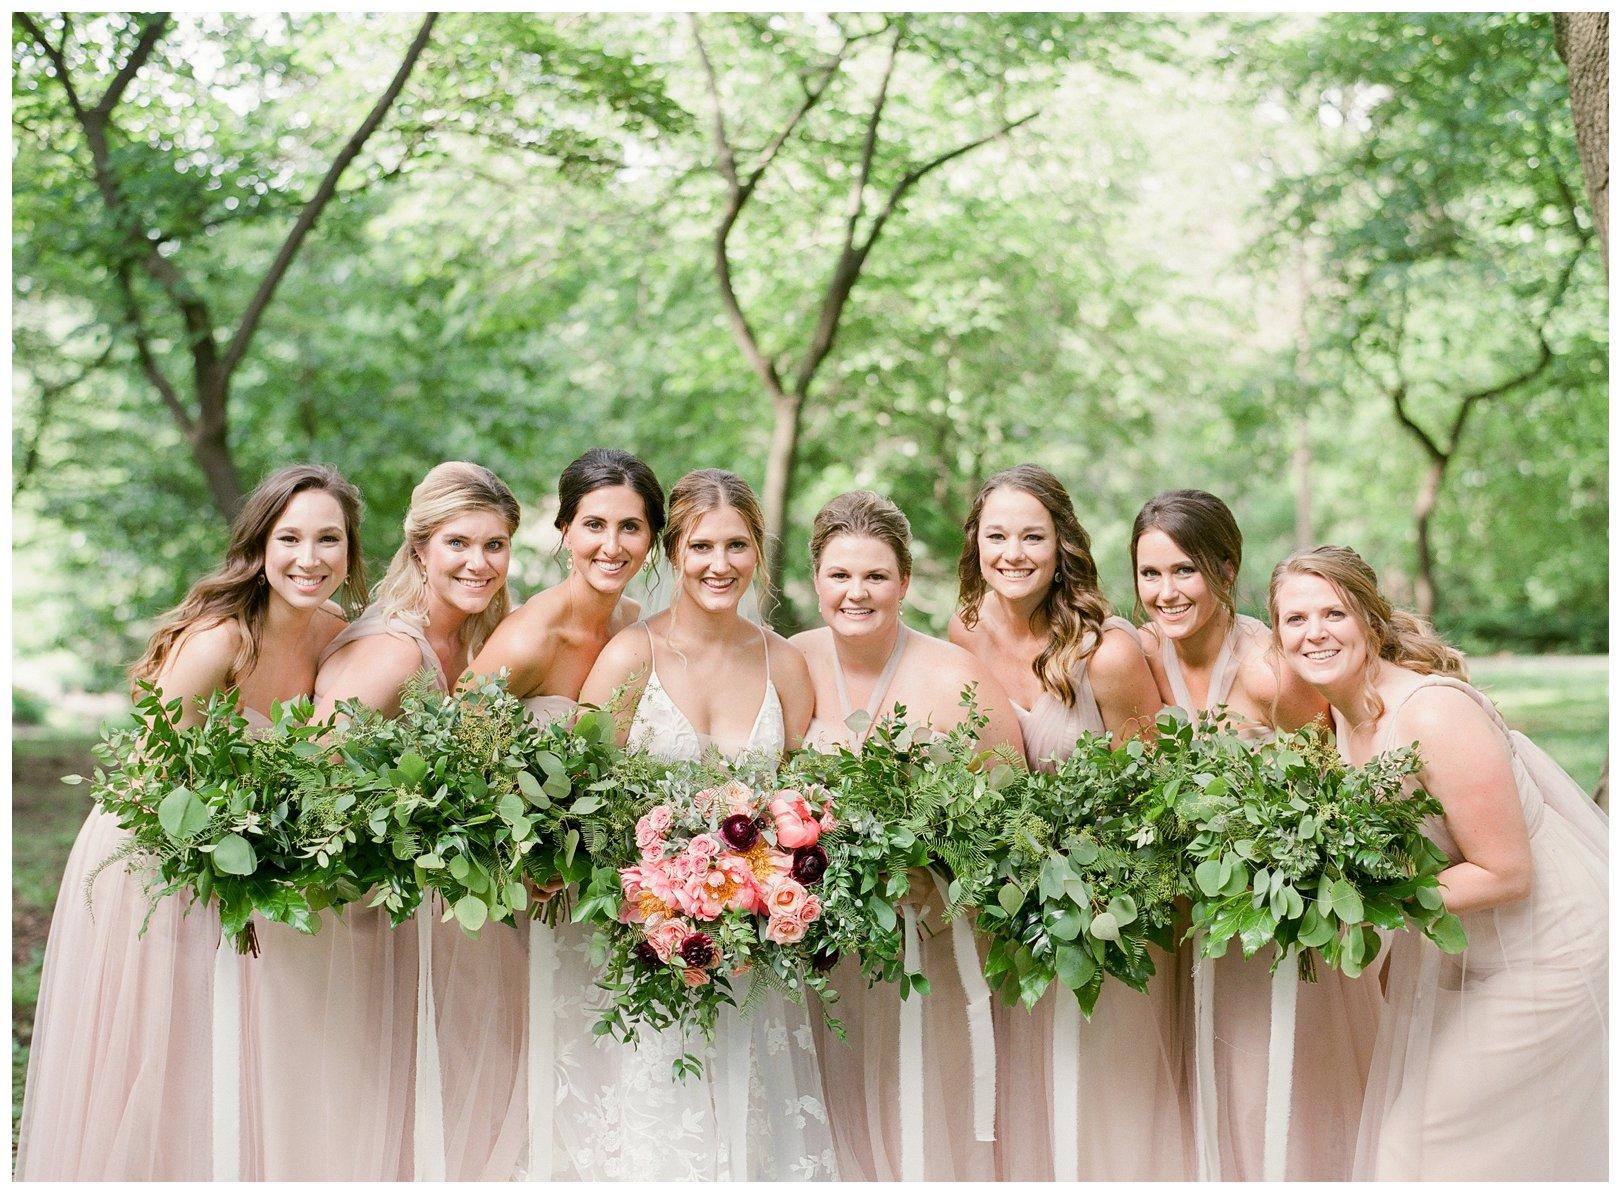 lauren muckler photography_fine art film wedding photography_st louis_photography_3200.jpg